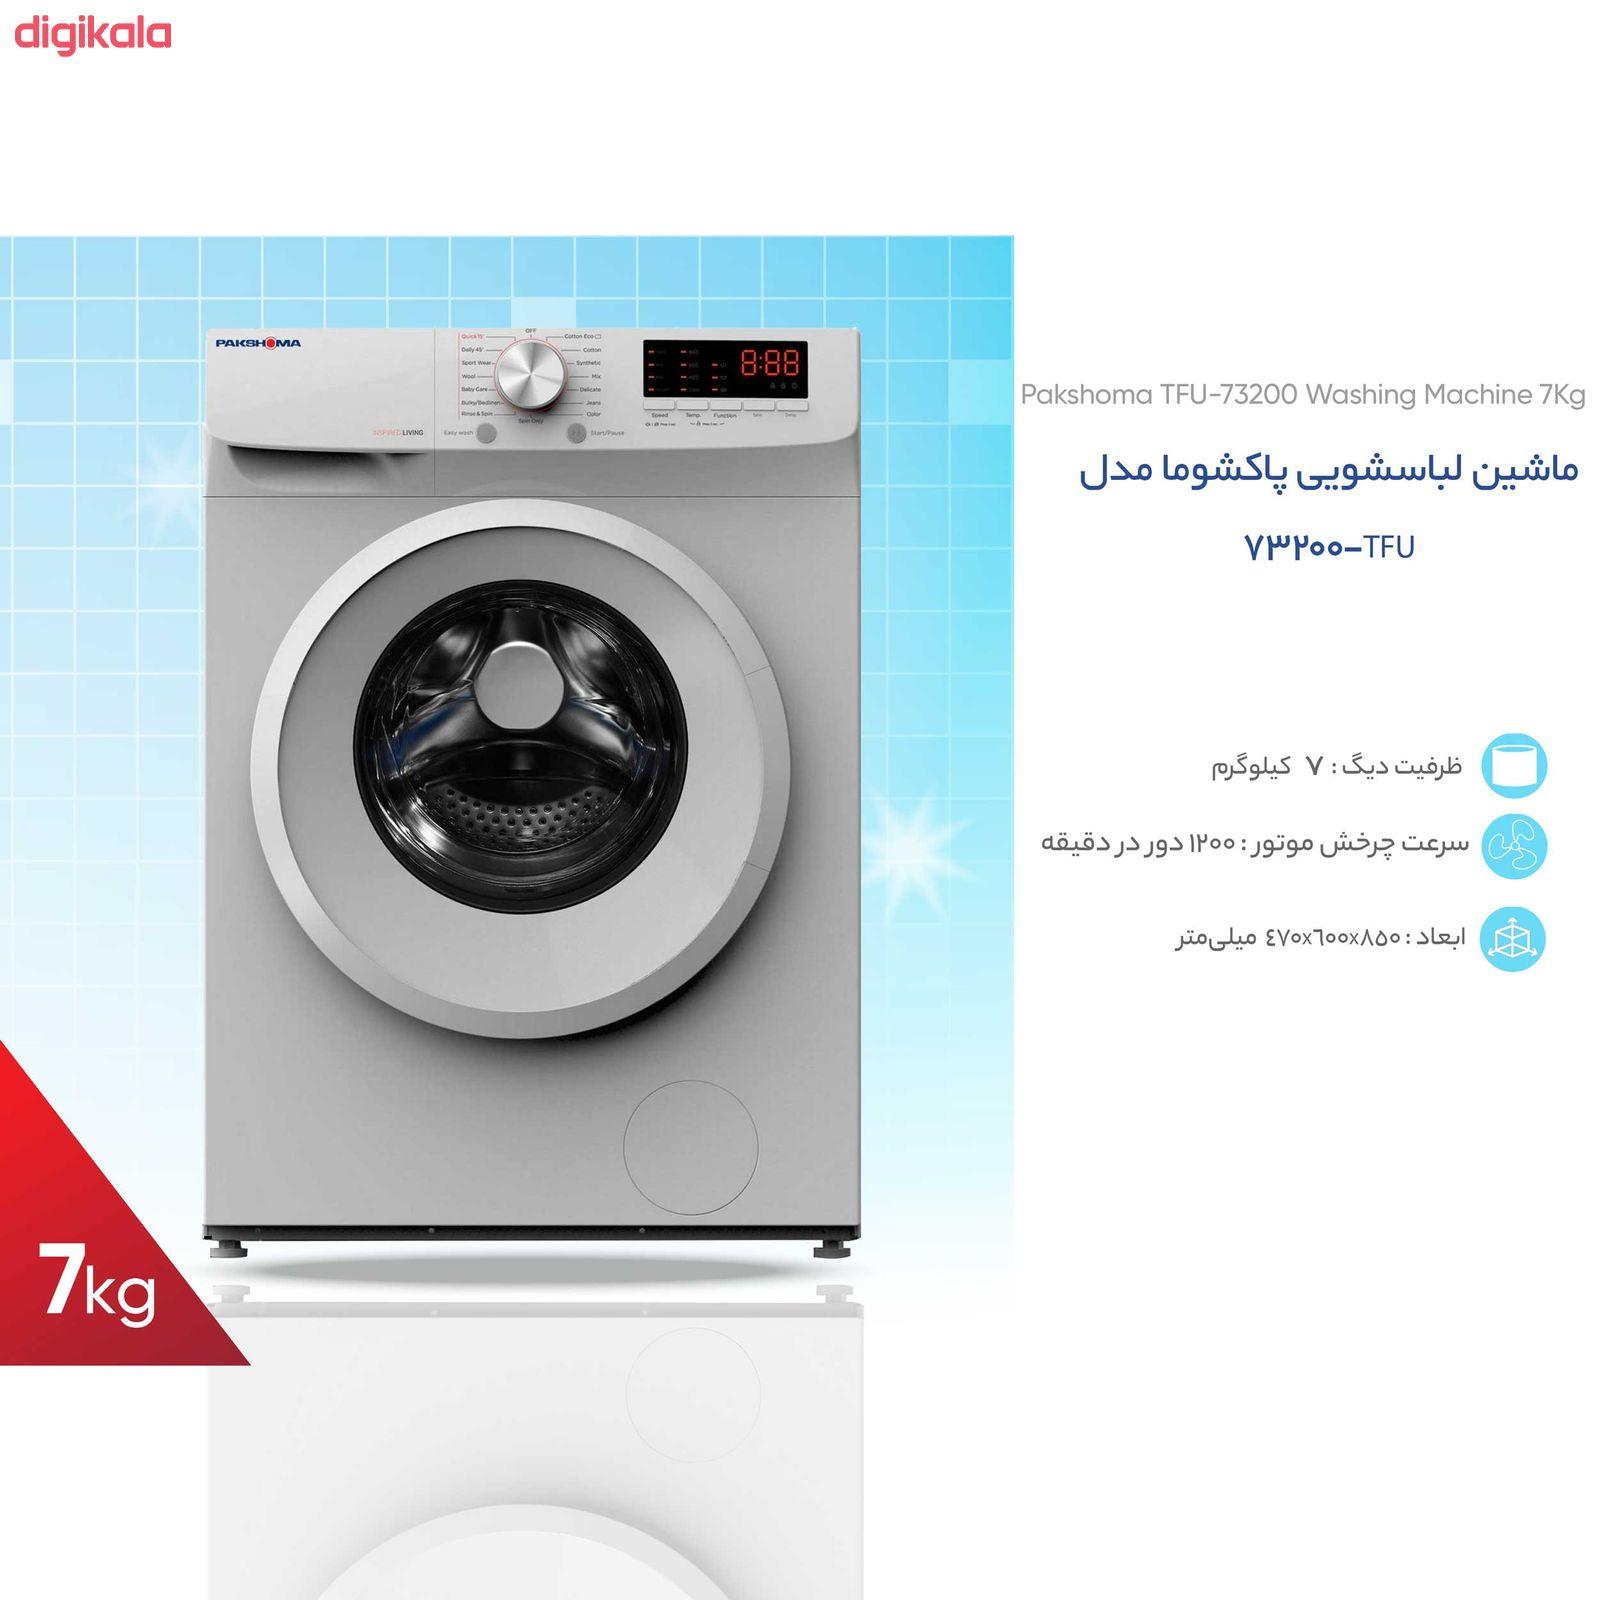 ماشین لباسشویی پاکشوما مدل TFU-73200 ظرفیت 7 کیلوگرم main 1 4